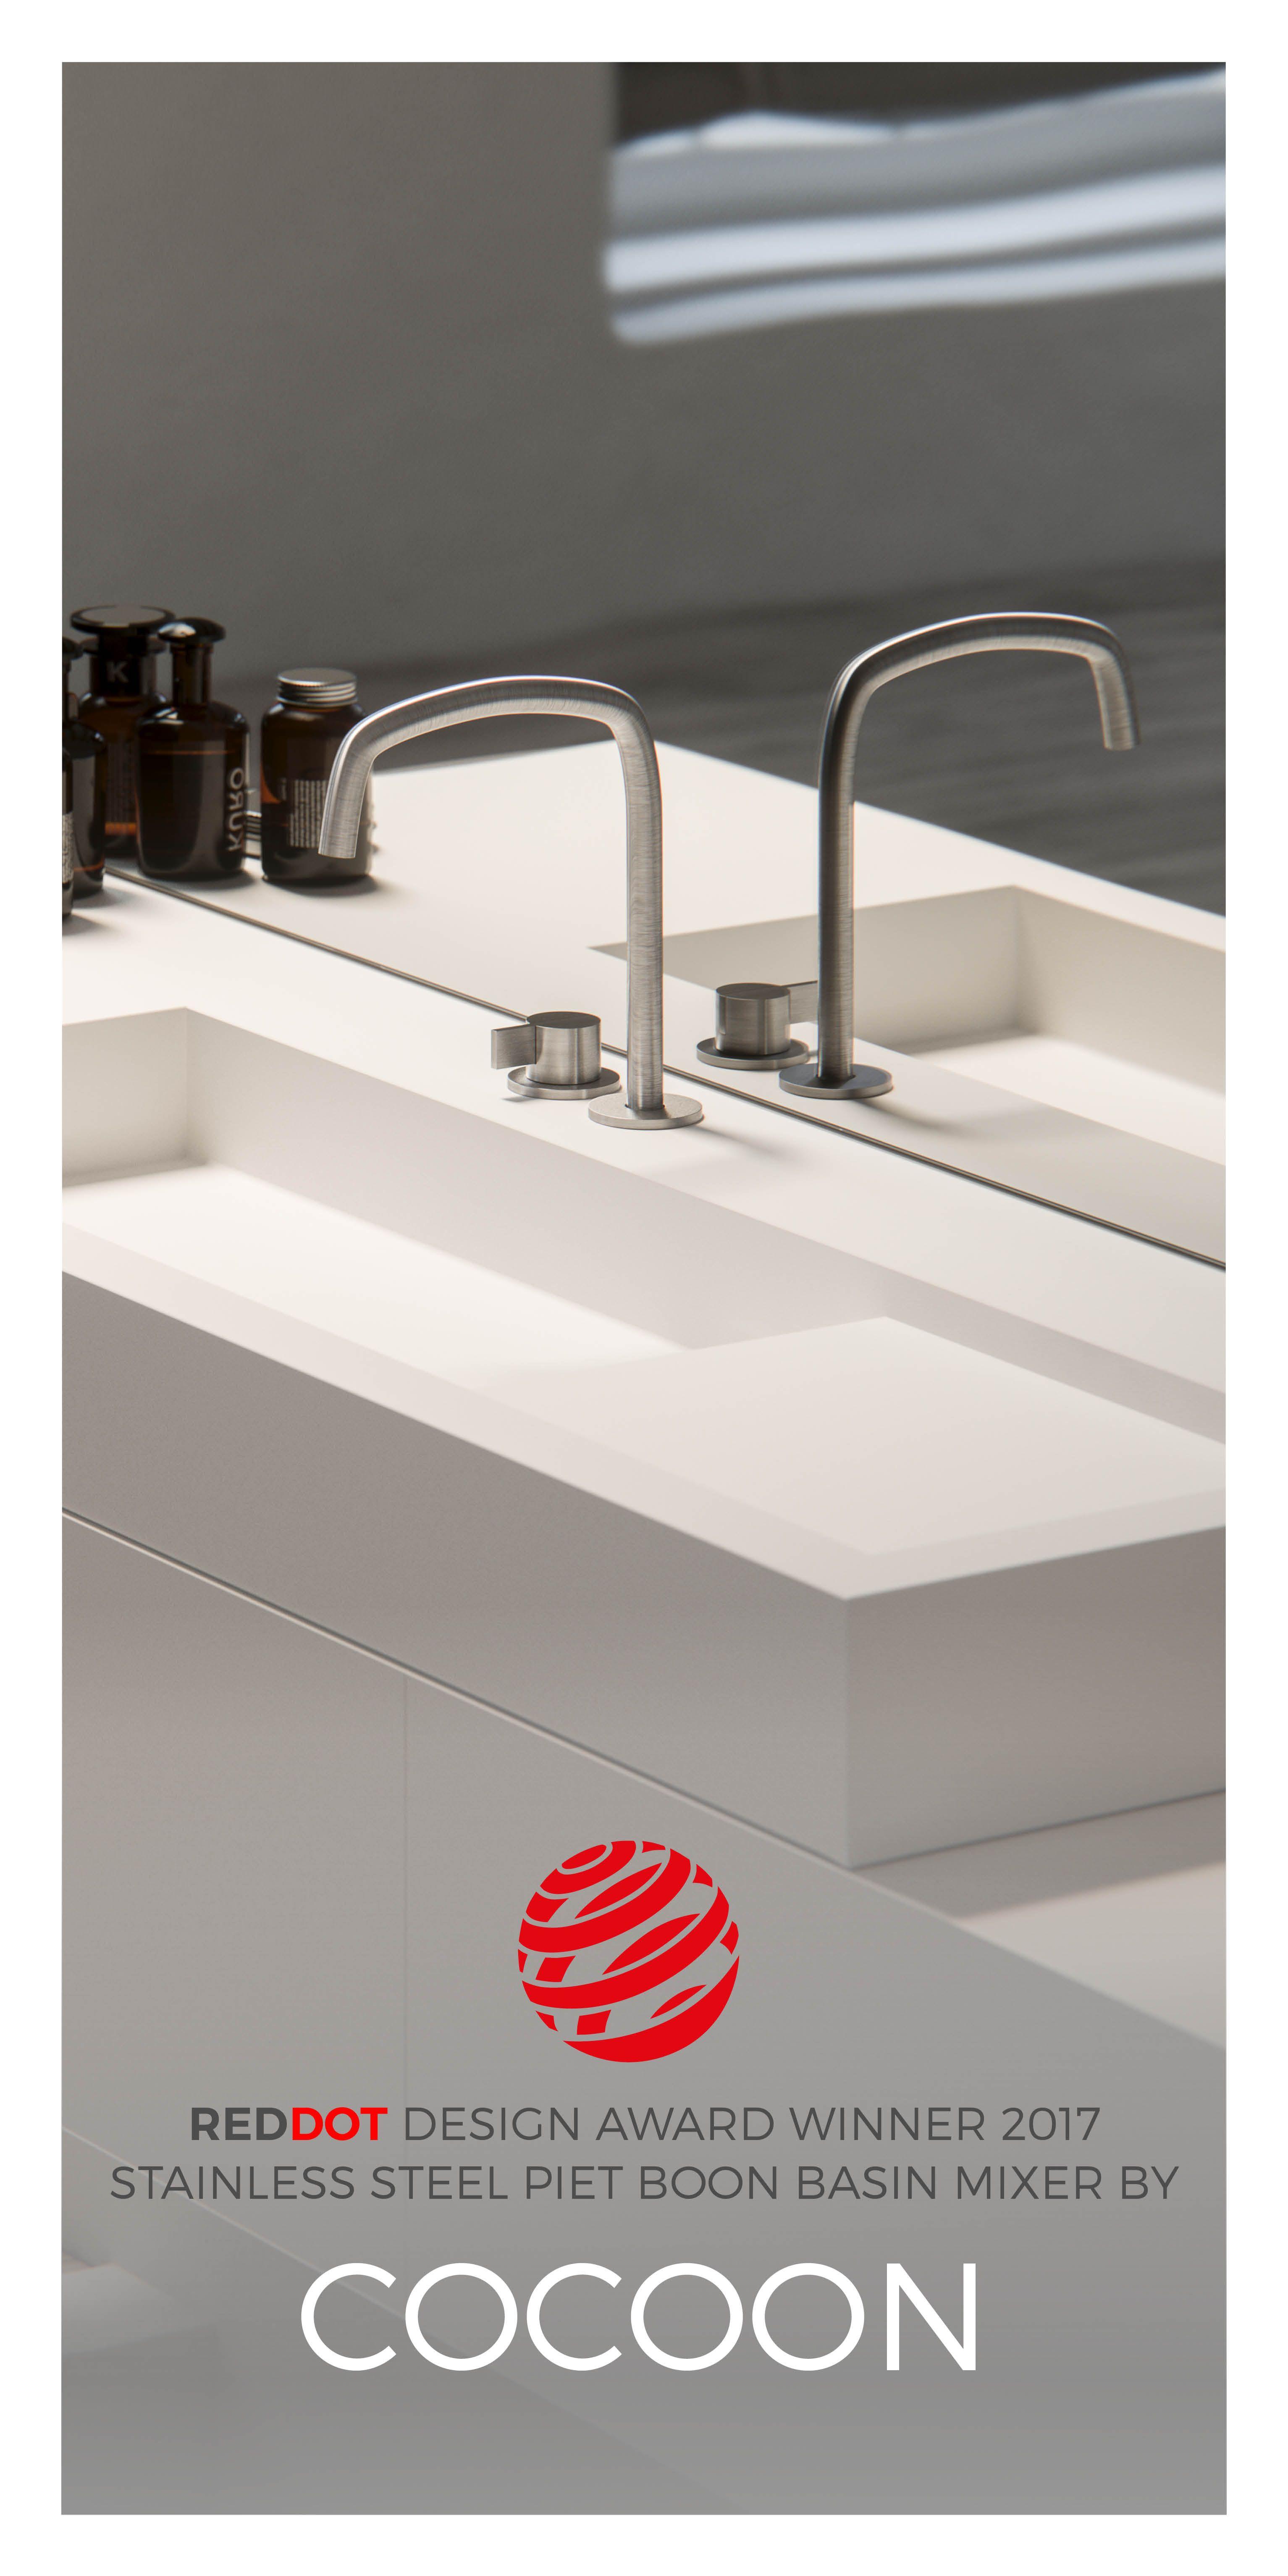 winner of the red dot design award 2017 : piet boon® basin mixer